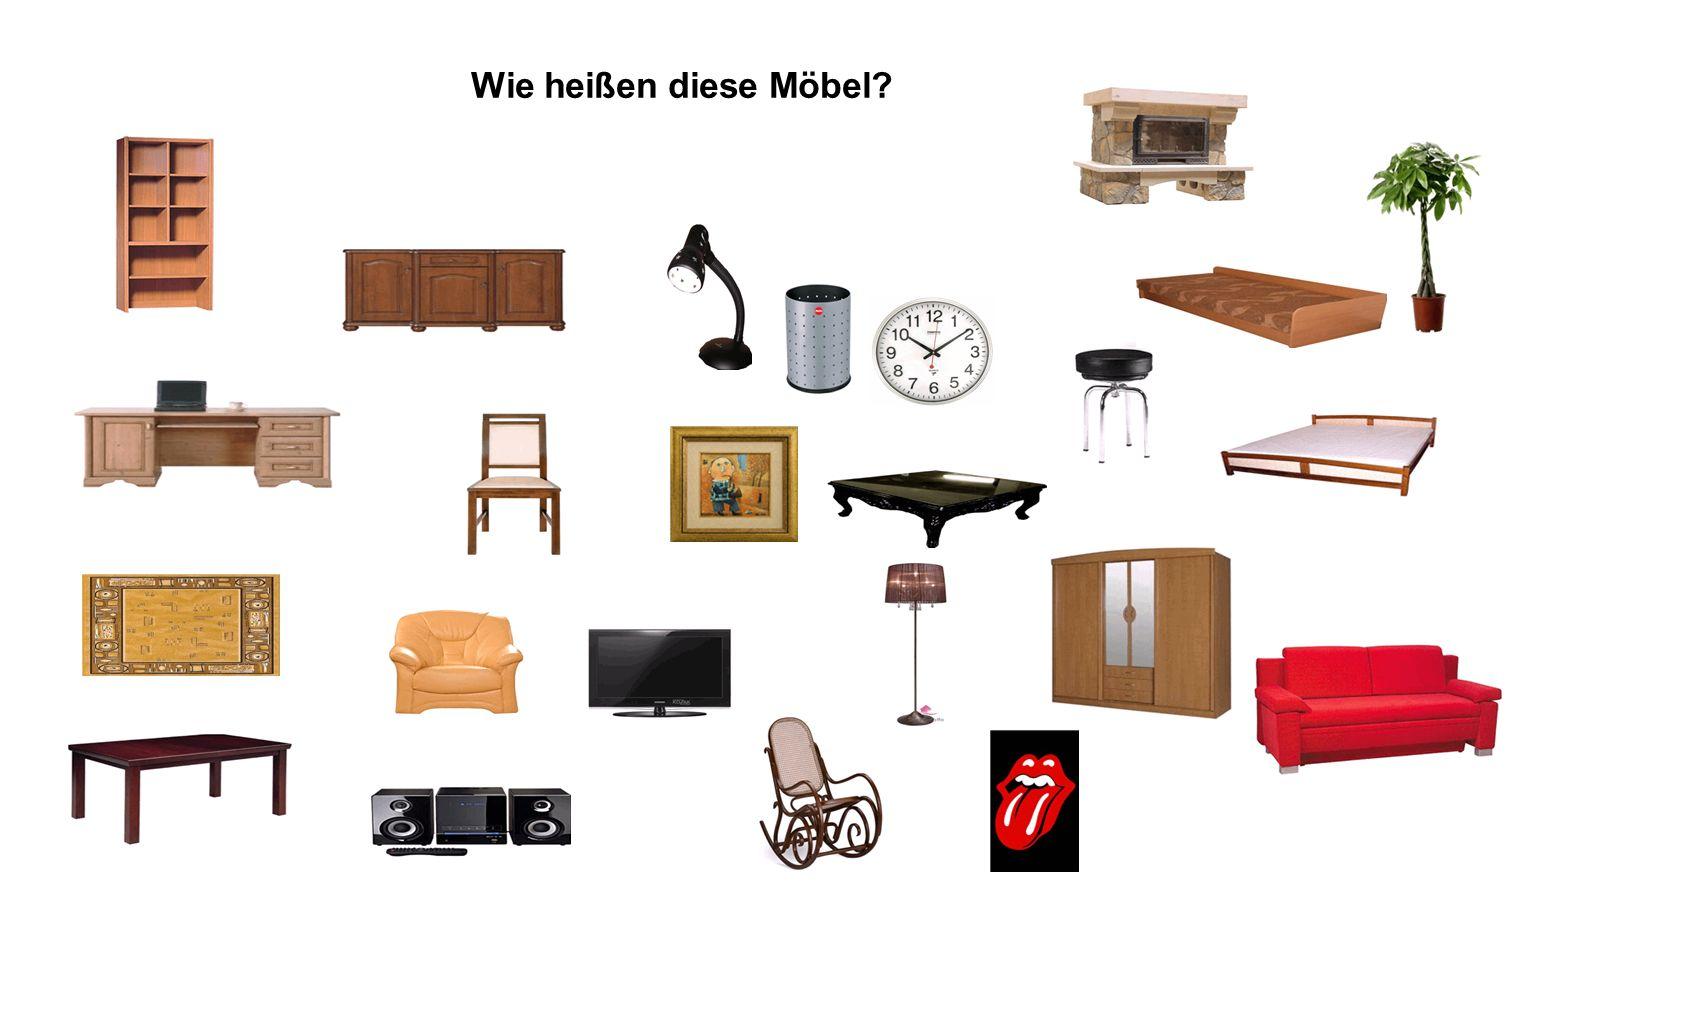 Wie heißen diese Möbel